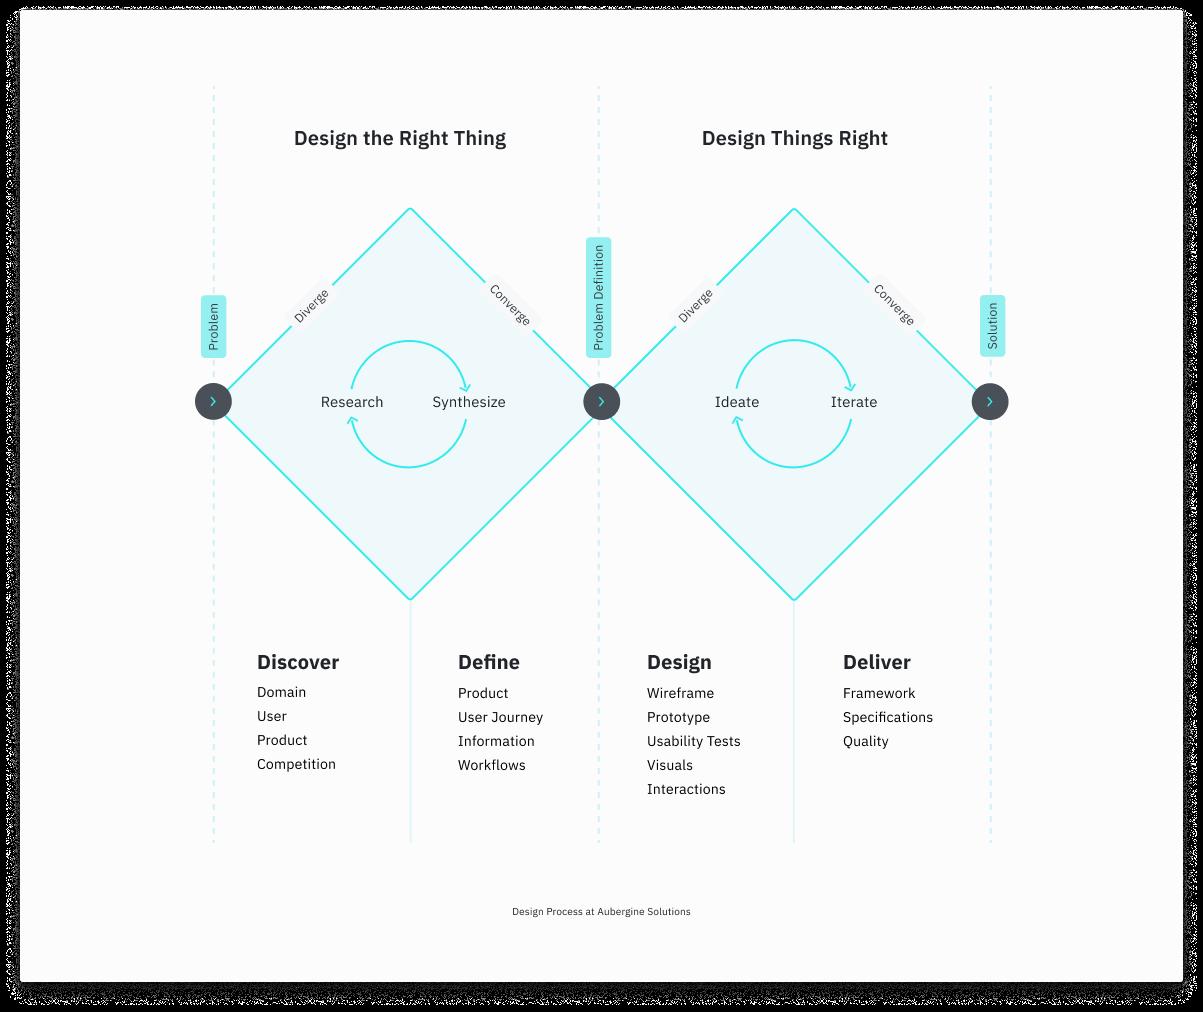 Design Process  at Aubergine